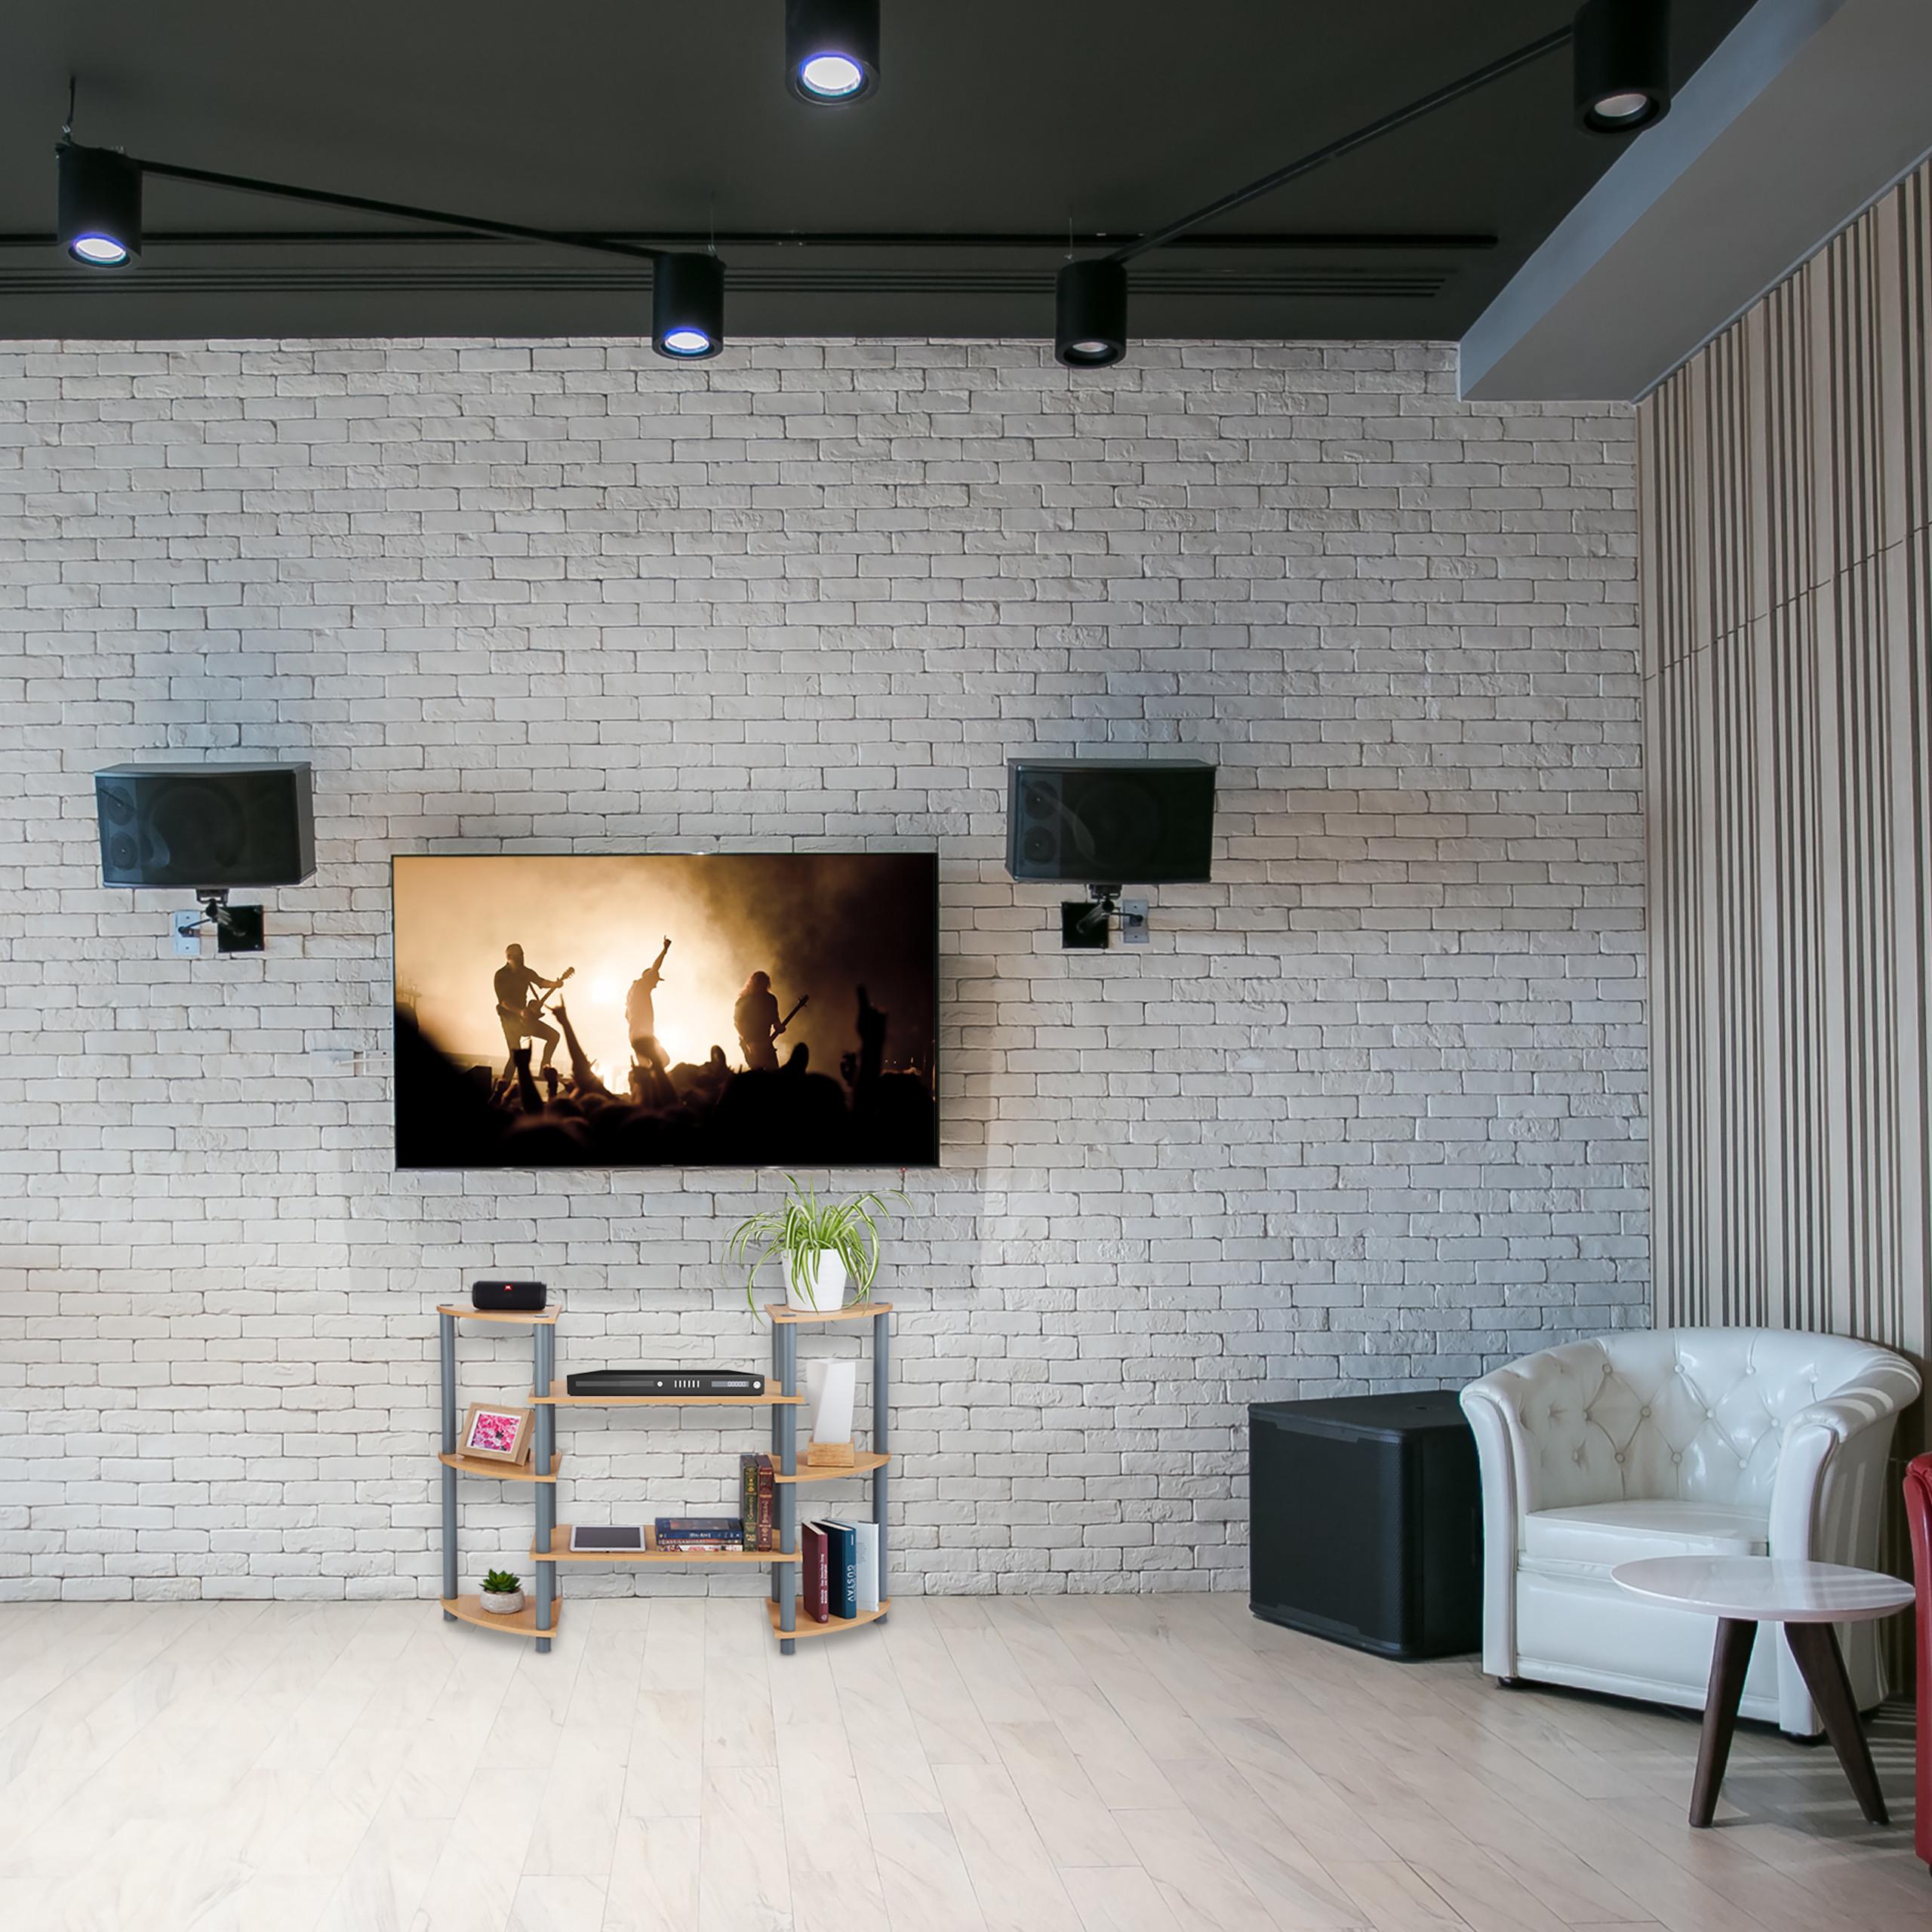 Details zu Regal Wohnzimmer, TV Regal, Bücherregal, Universalregal,  Standregal, 8 Ablagen